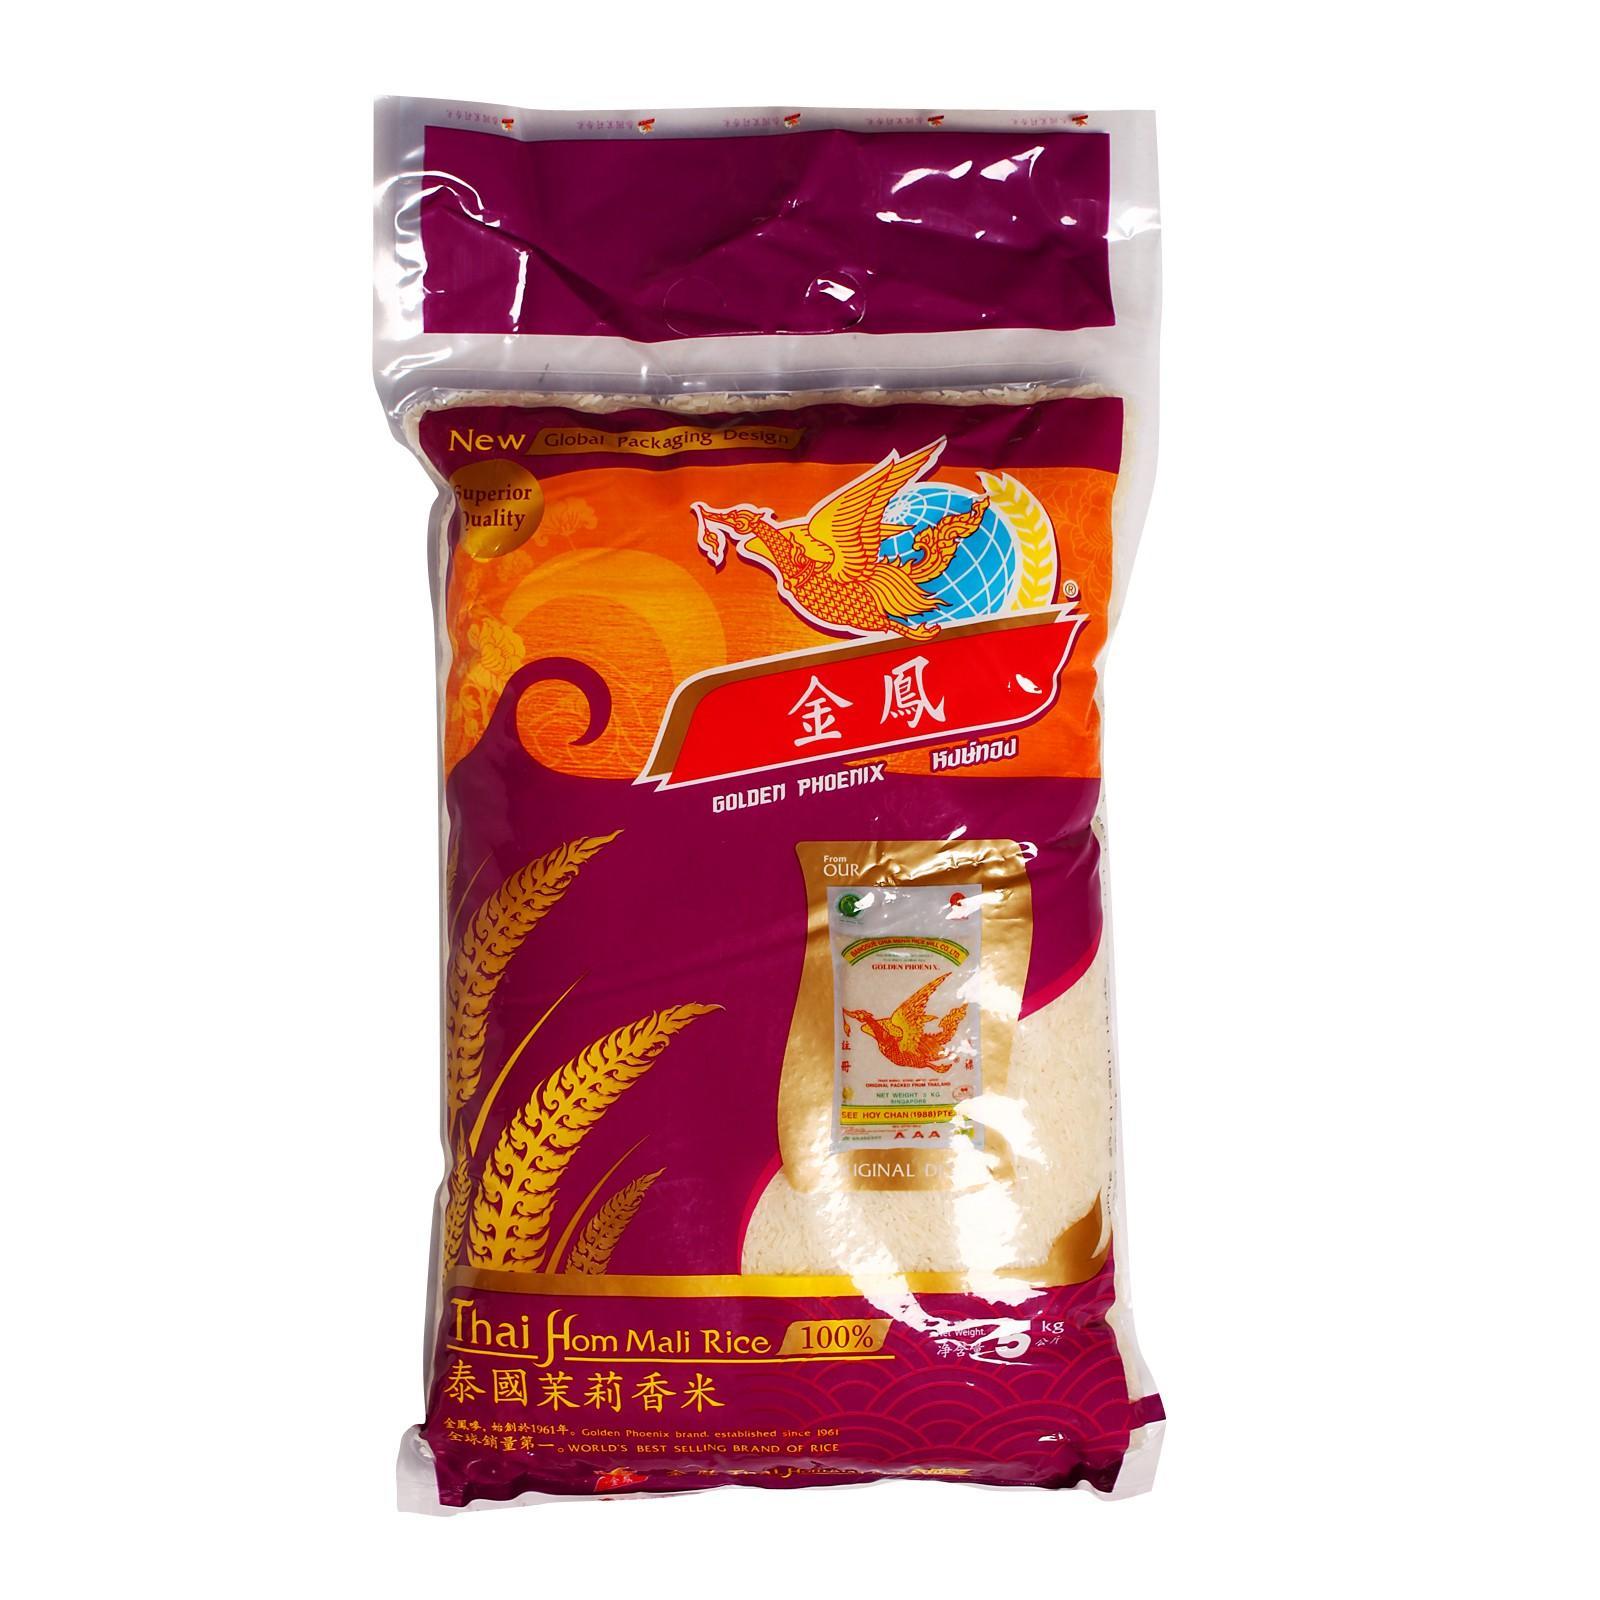 GOLDEN PINEAPPLE Thai Fragrant Rice 5kg